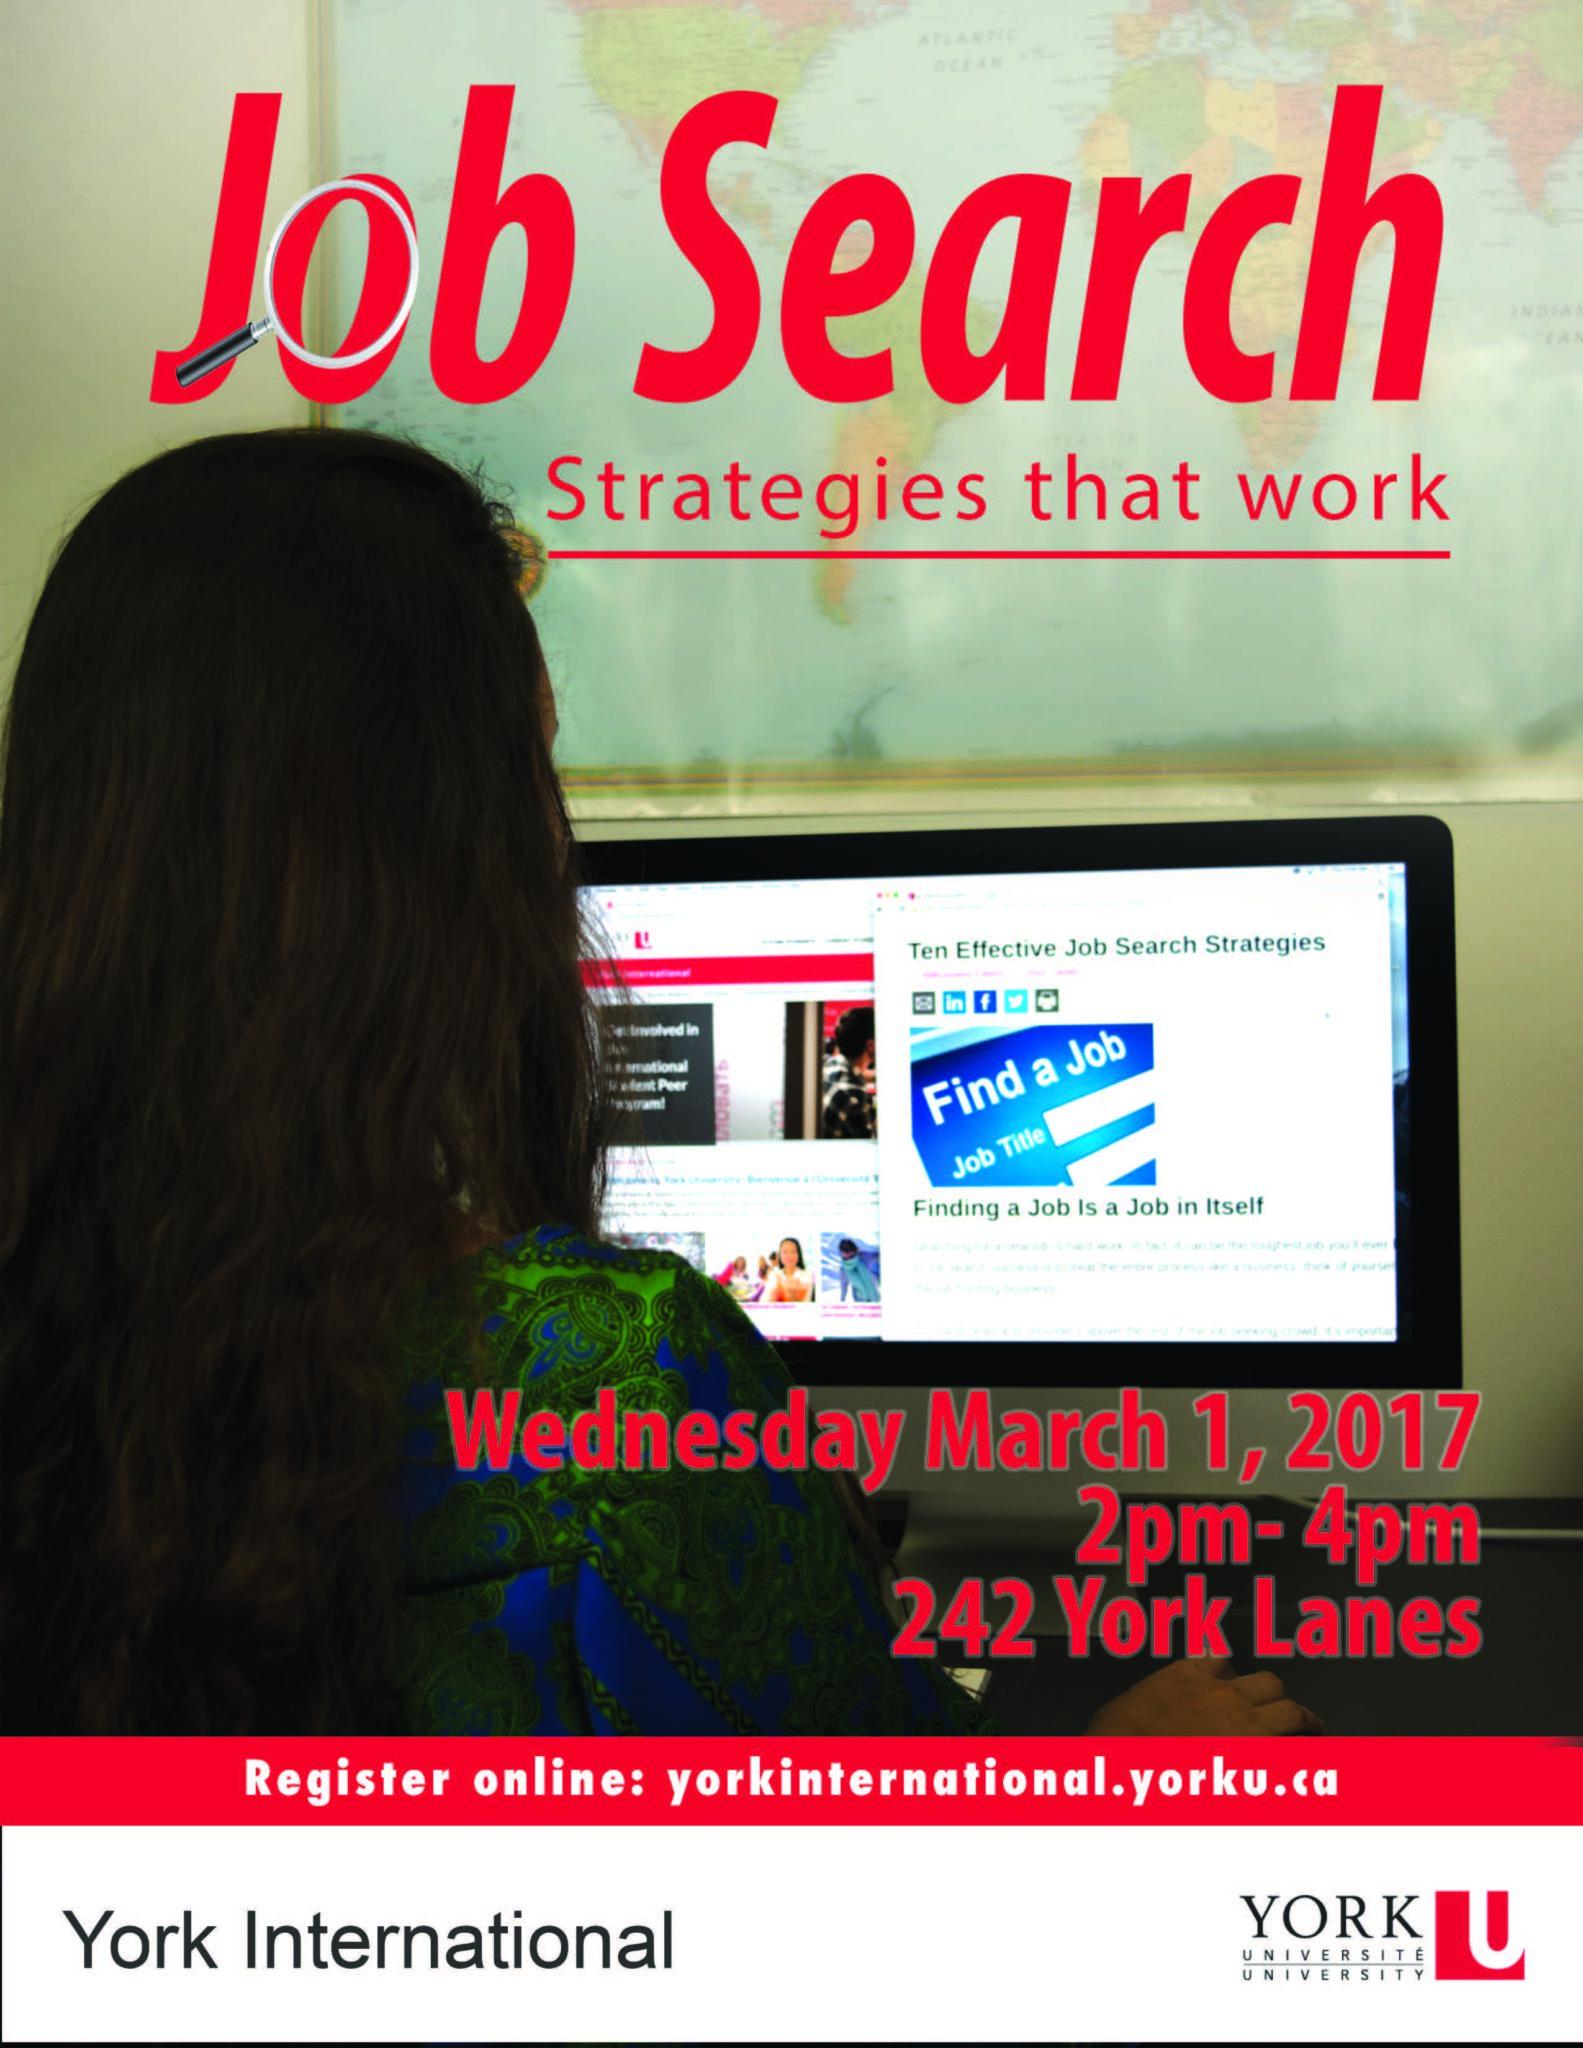 Job Search Strategies that Work Workshop @ York Lanes, Room 242 (second floor)